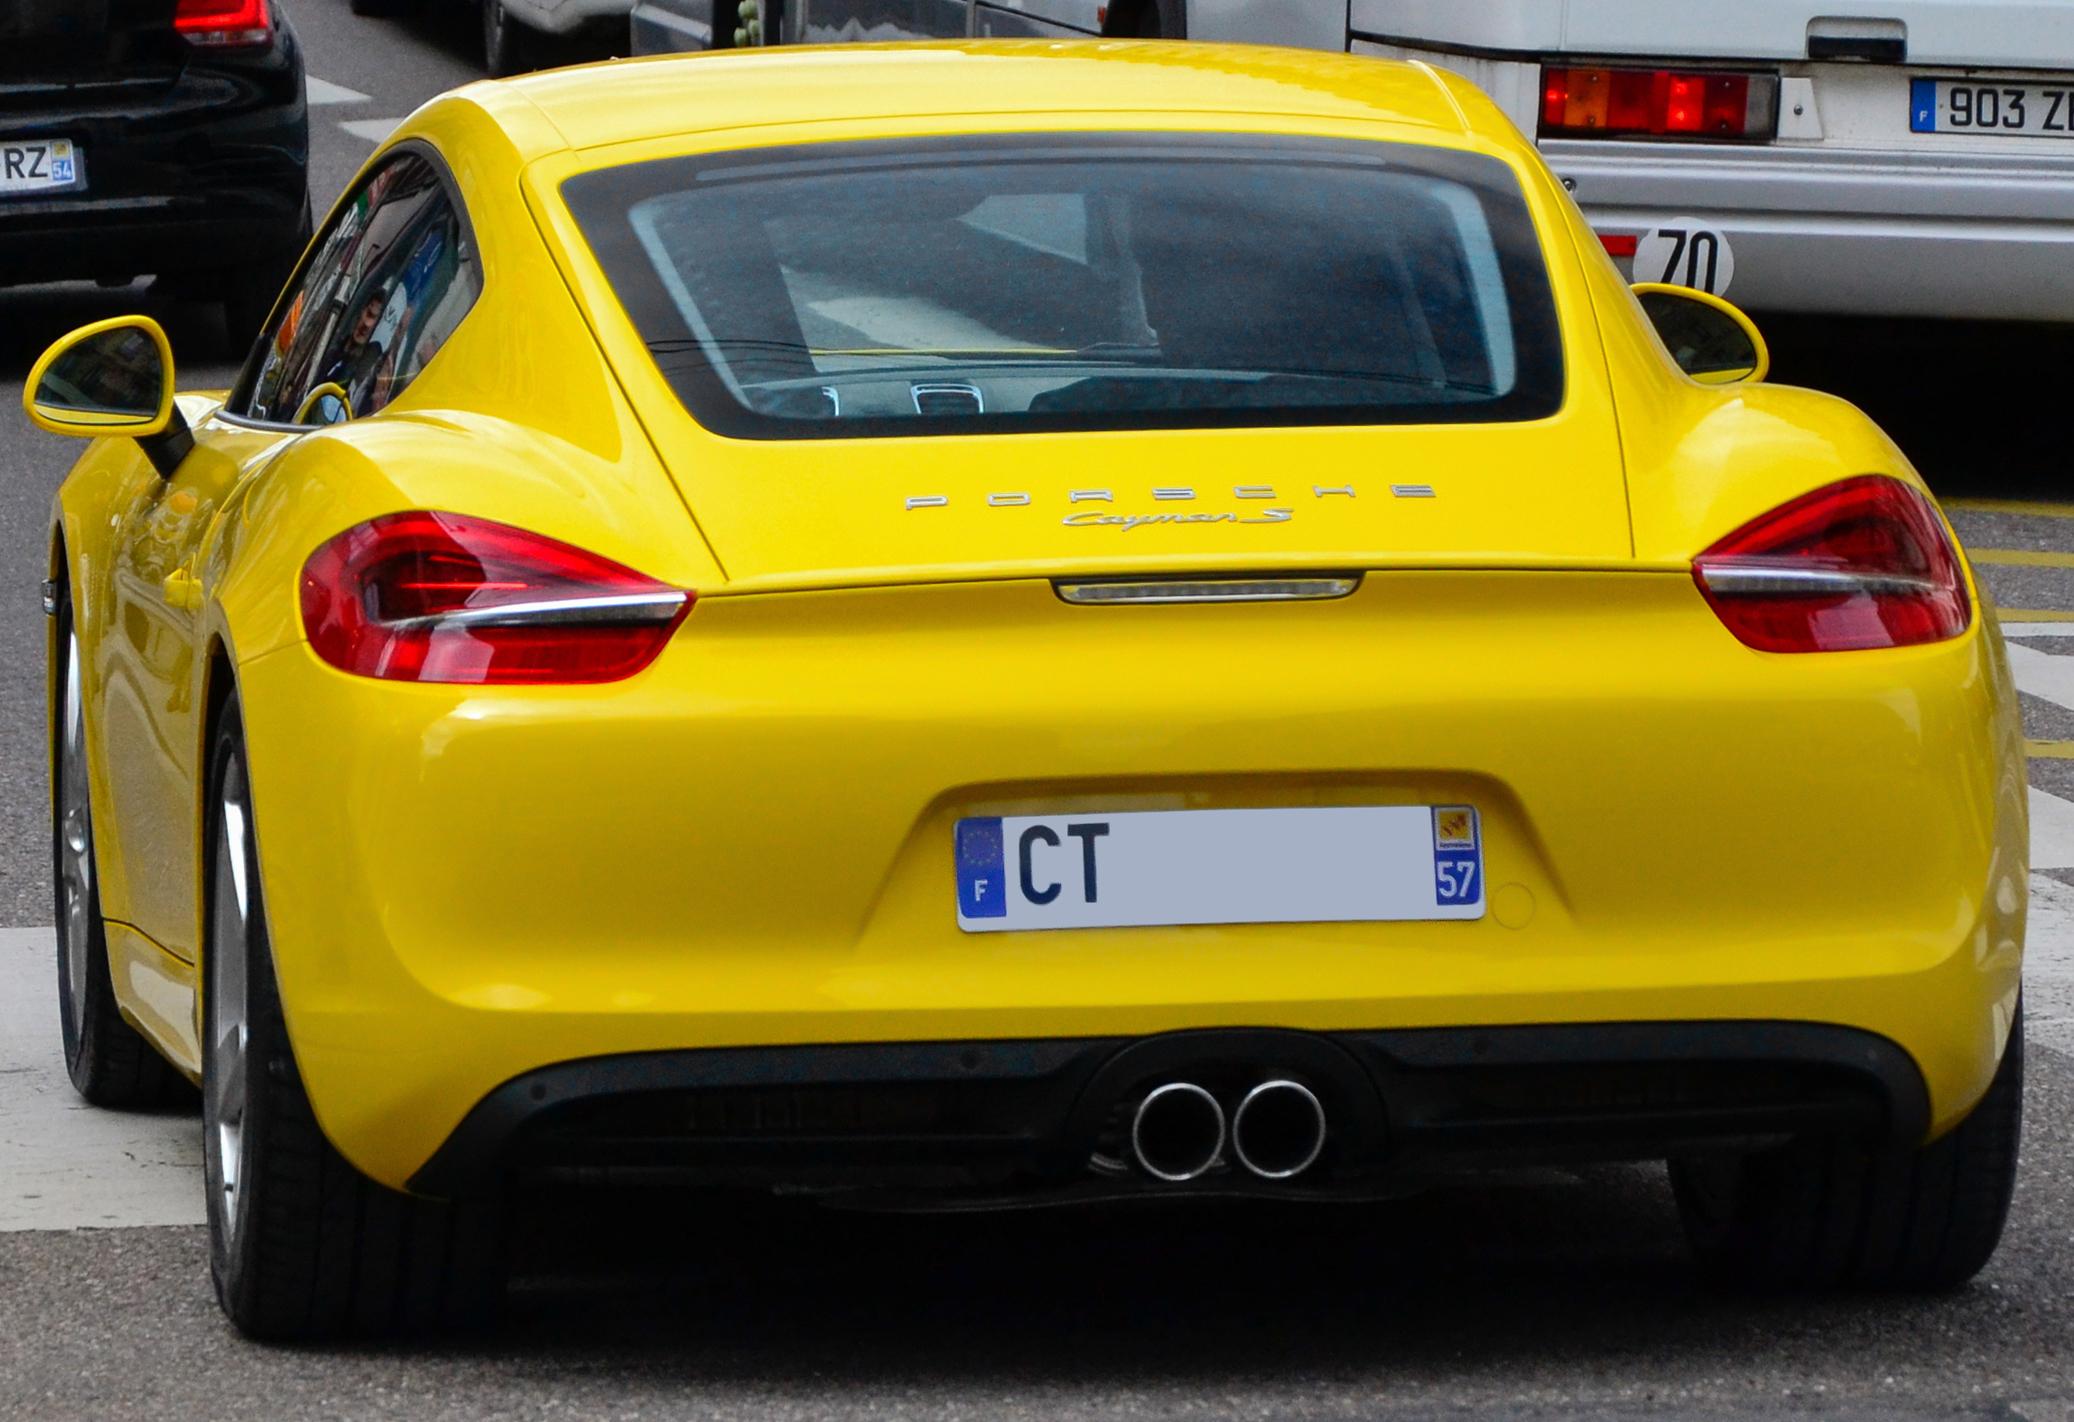 Porsche Cayman S - Flickr - Alexandre Prévot (5) (cropped).jpg